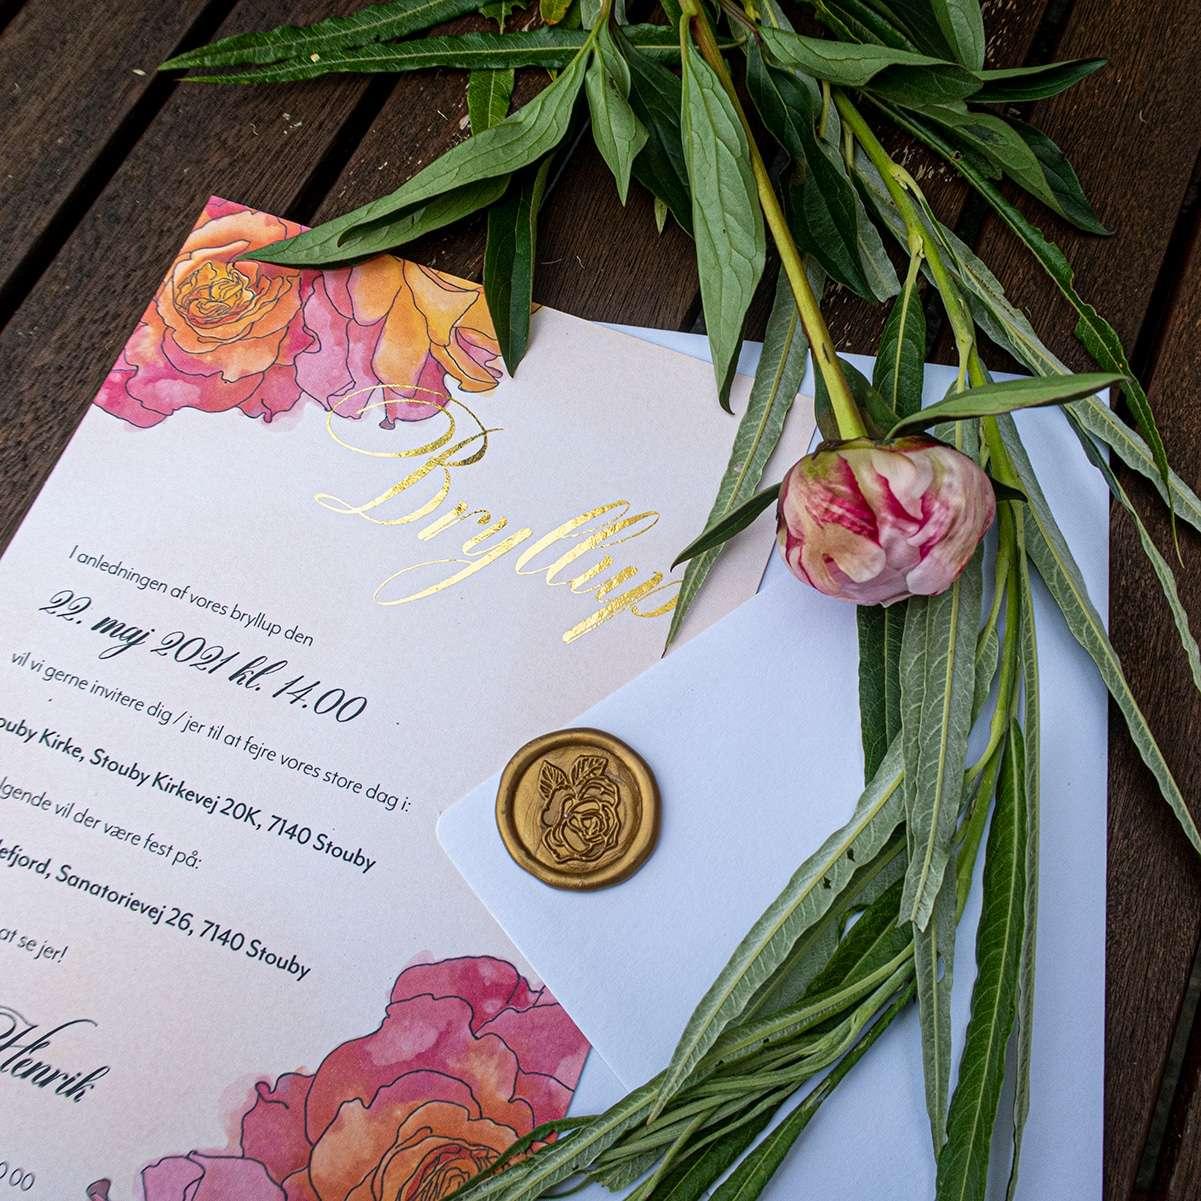 Bryllupsinvitation med roser i farven Orange og kalligrafi skrift med guldfolie